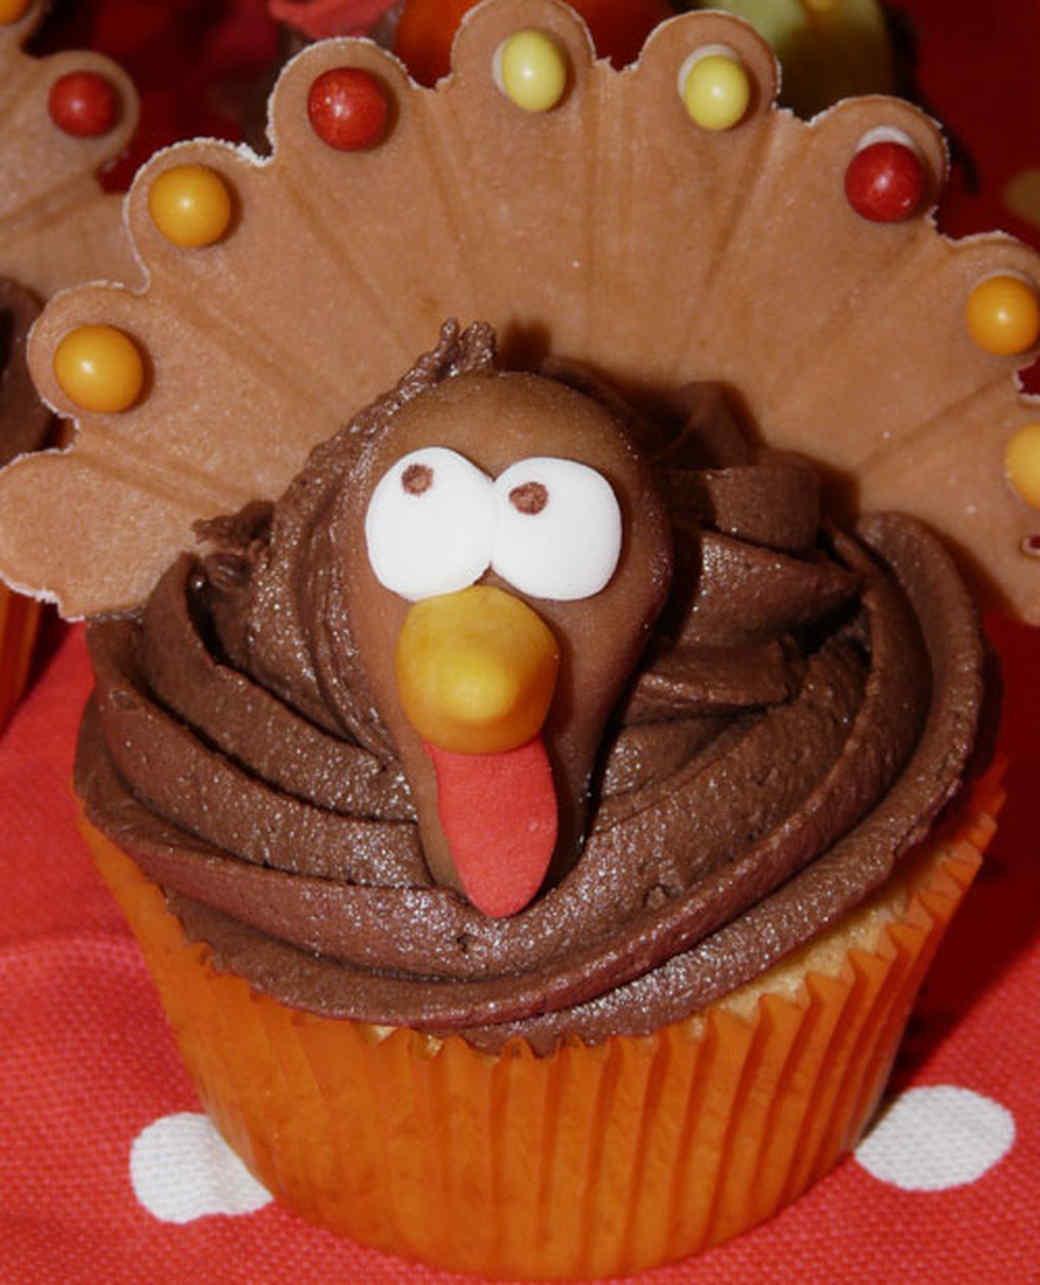 cupcake_contest_0211_turkey_cupcake.jpg